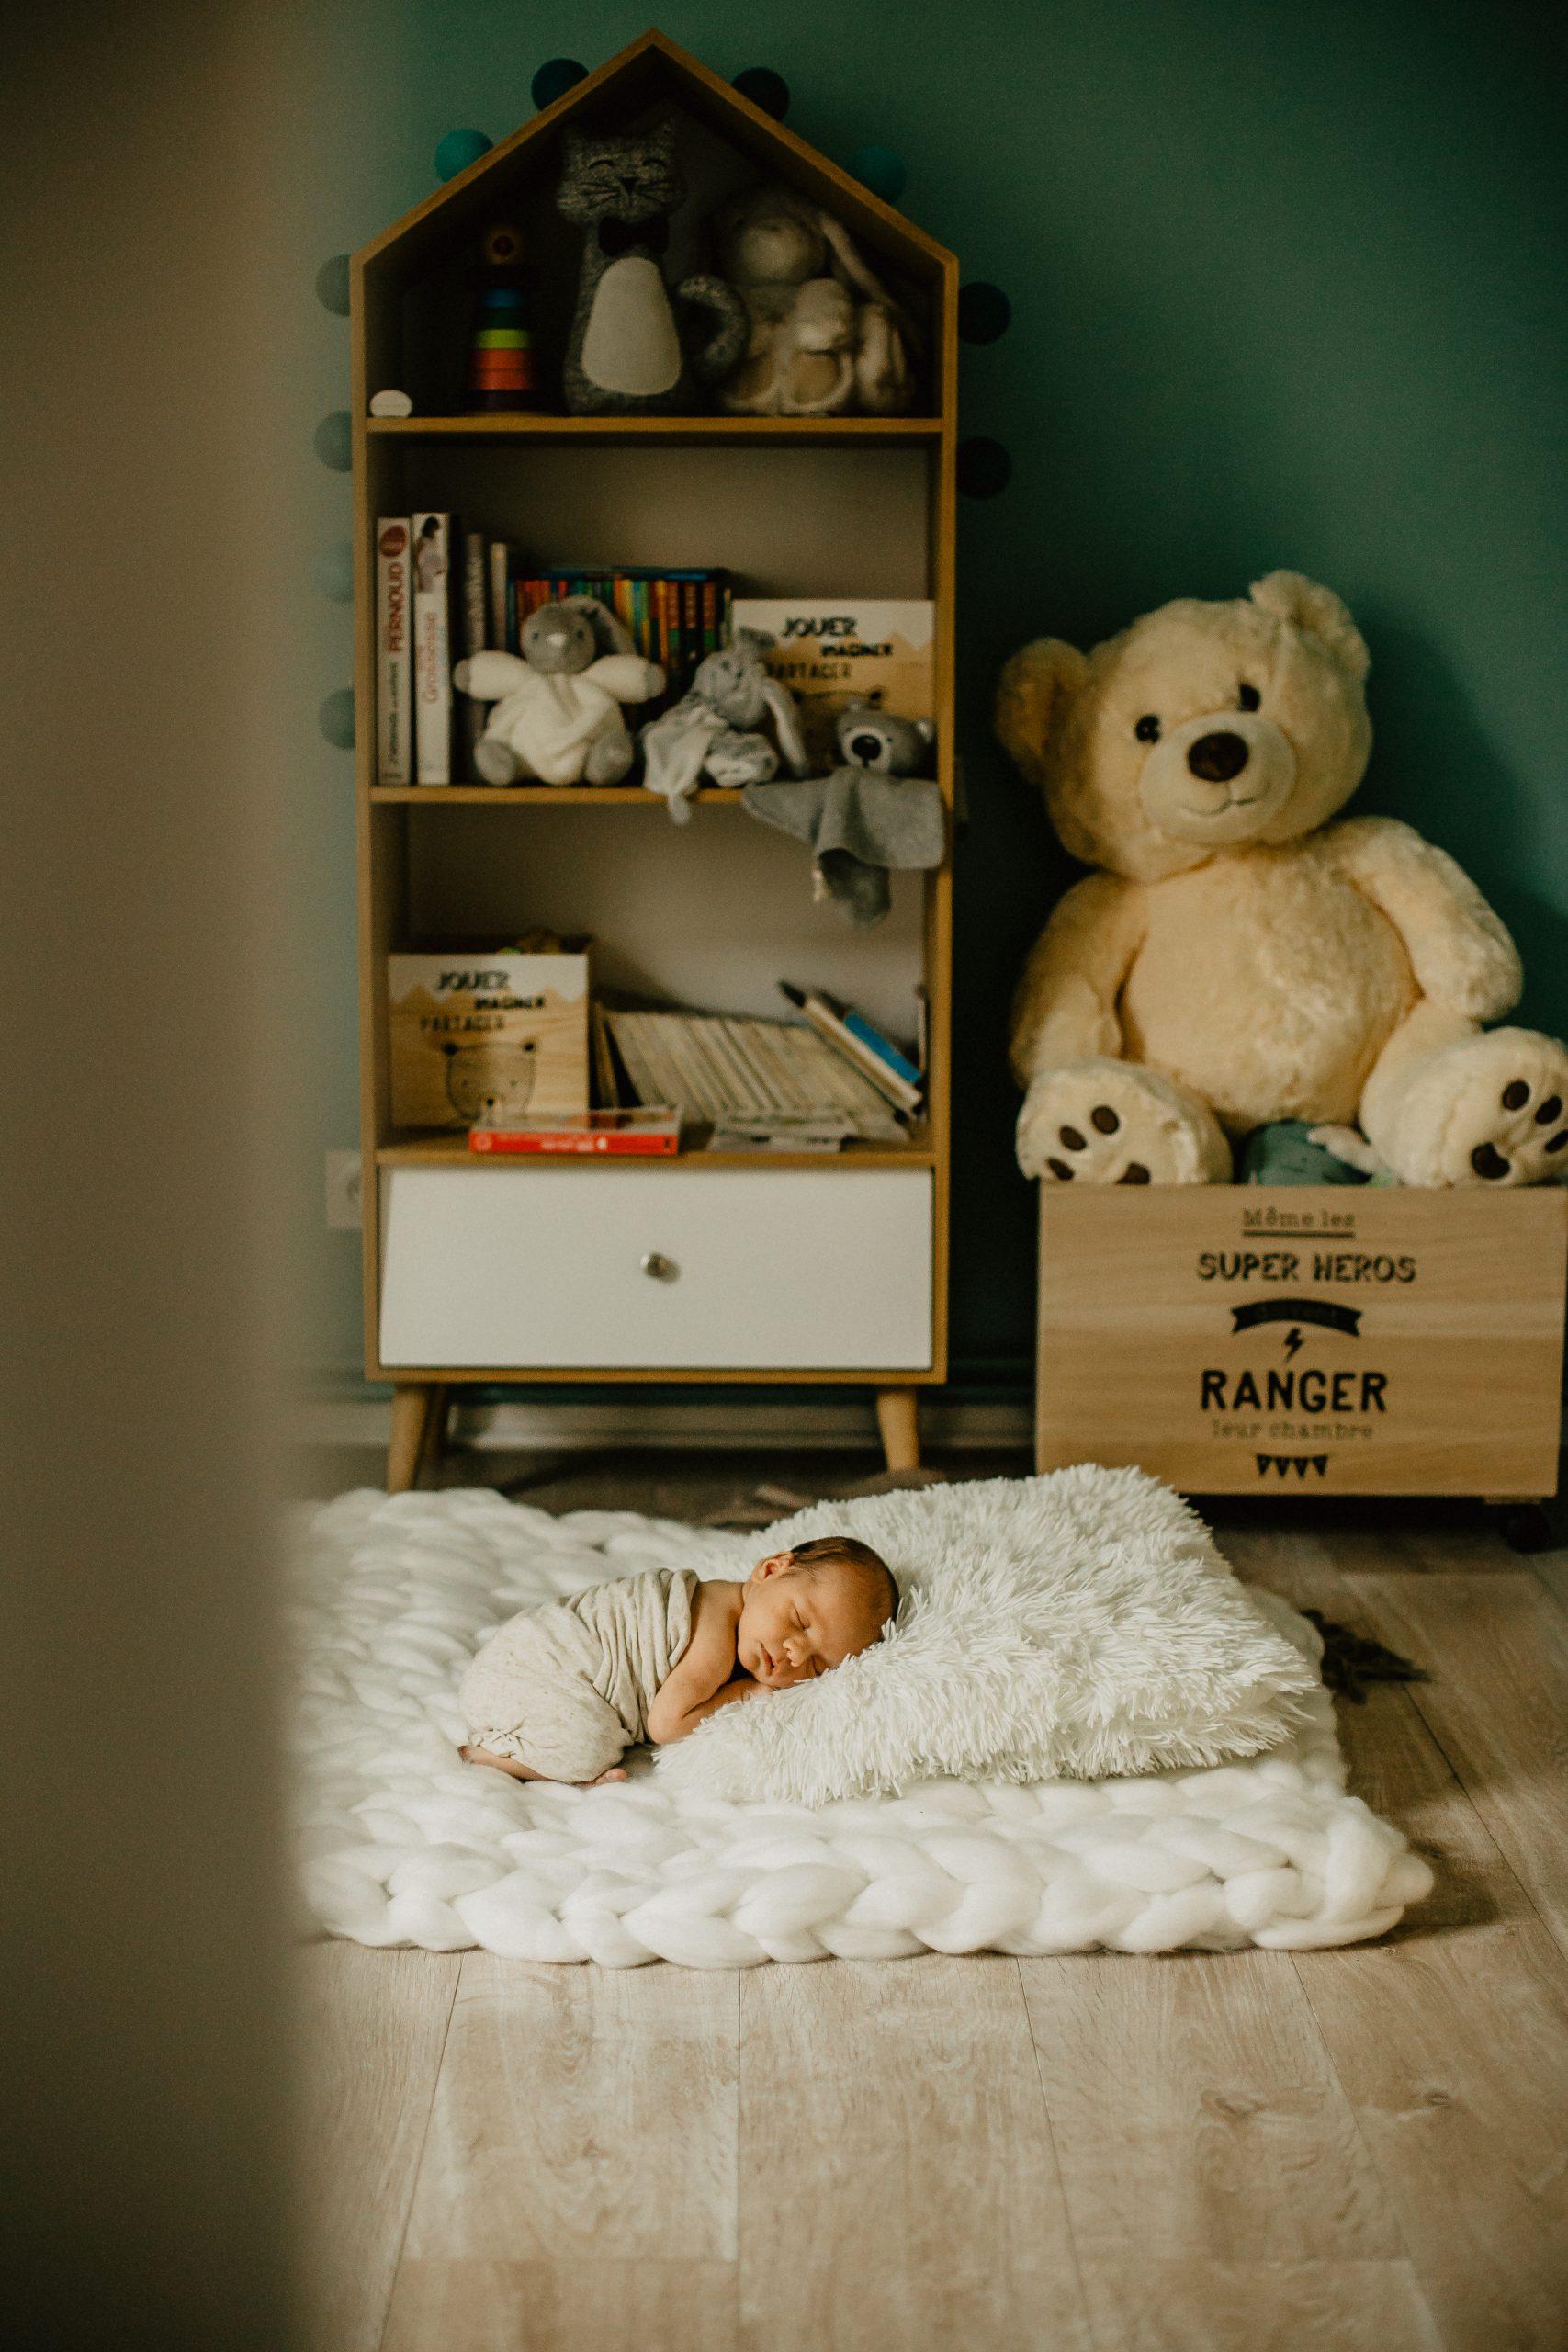 Virginie M. Photos-séance à domicile-bébé-naissance-lifestyle-amour-famille-photographe Lille-Nord-Lille-photos-nouveau né (29)